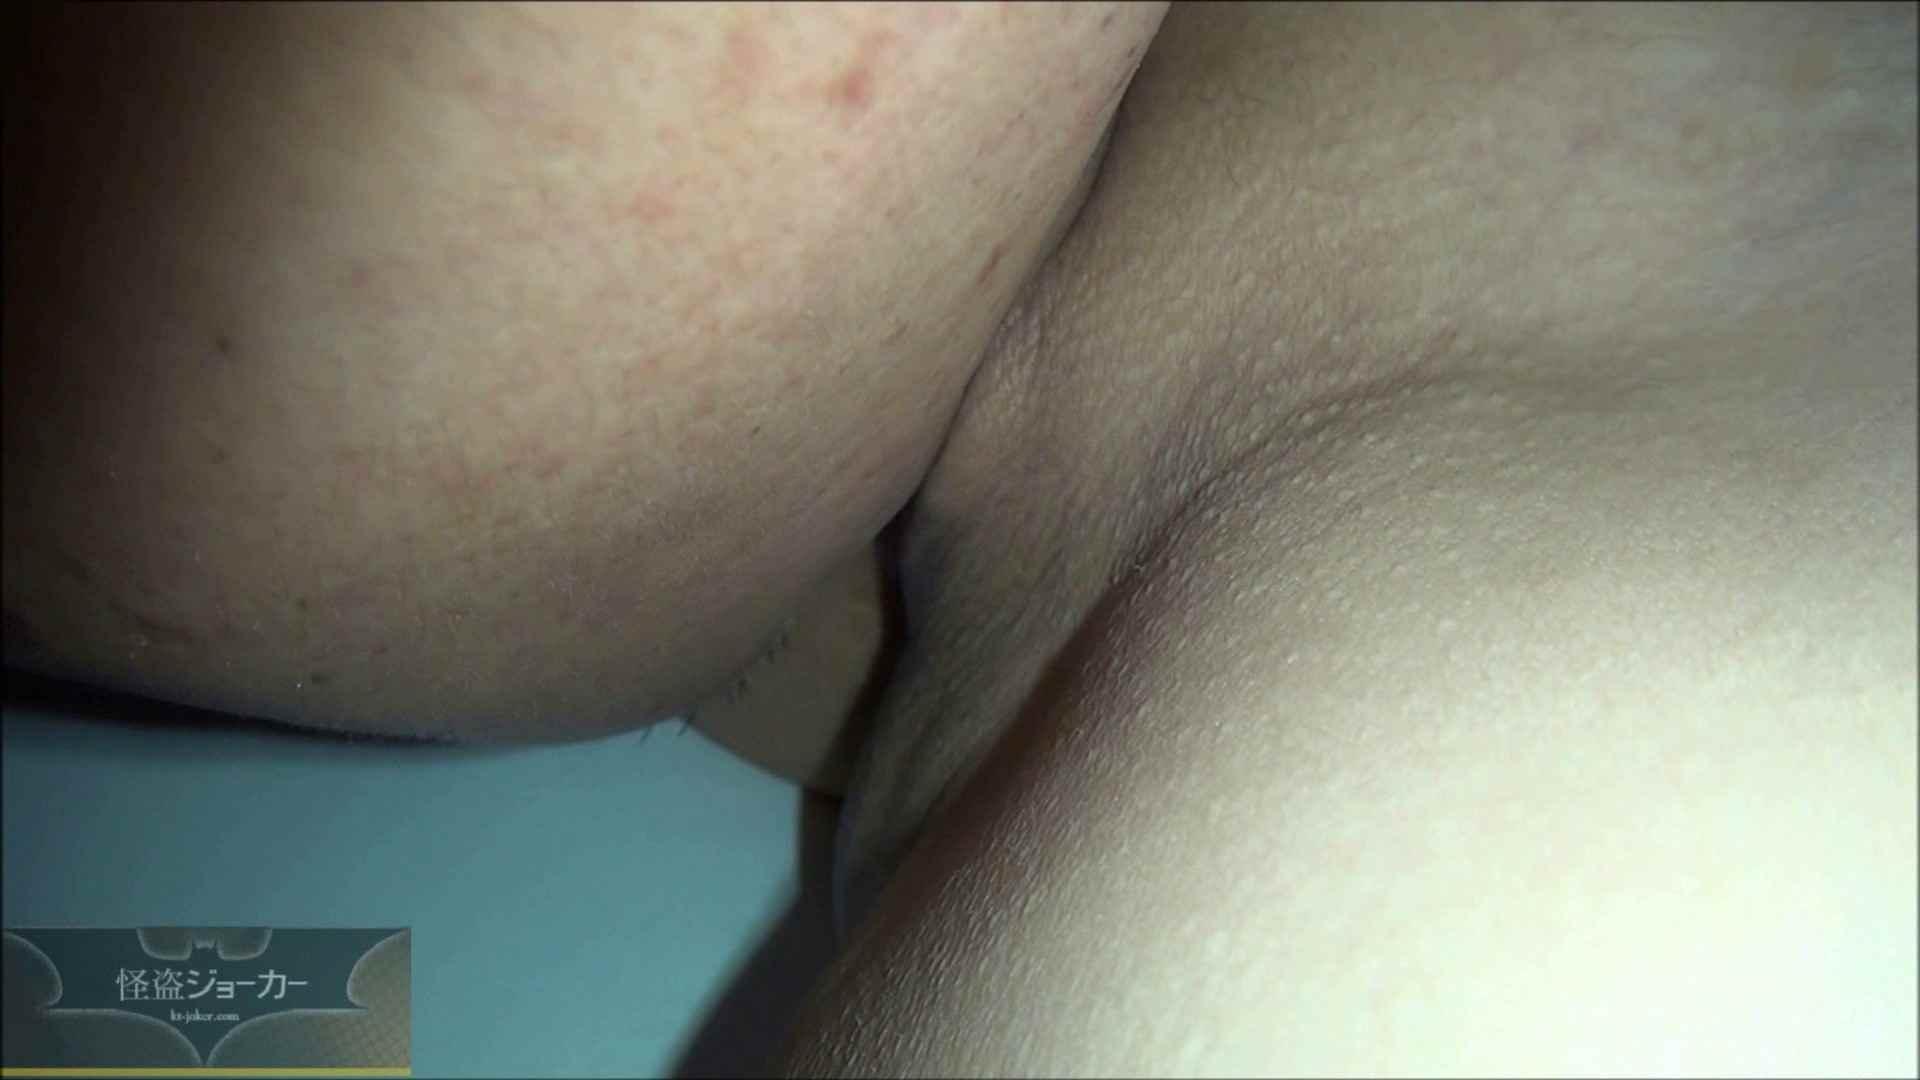 【未公開】vol.62 南米系ハーフのAMちゃん、、、友人が行った淫行の記録。 友人  52PIX 48